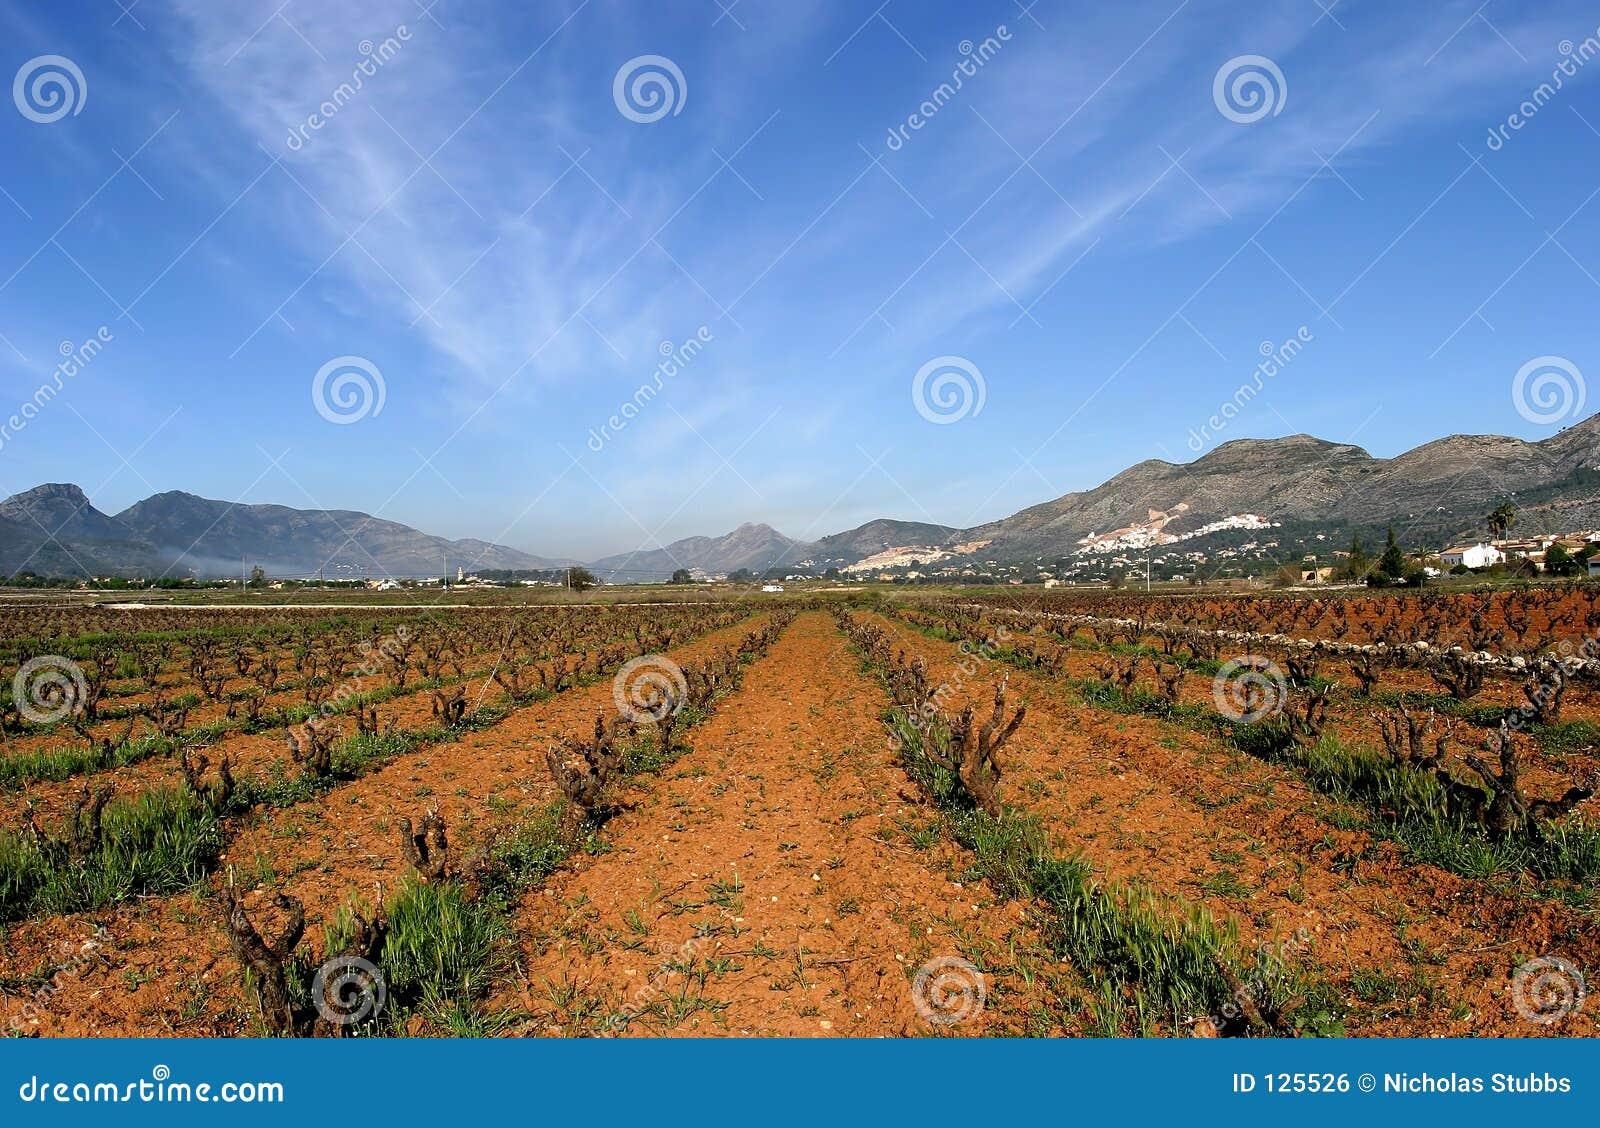 Wijngaarden van Spanje in vroeg seizoen. Wijnstokken die aan de kern worden gesneden. Zonnige blauwe hemelen en convergerende lijn